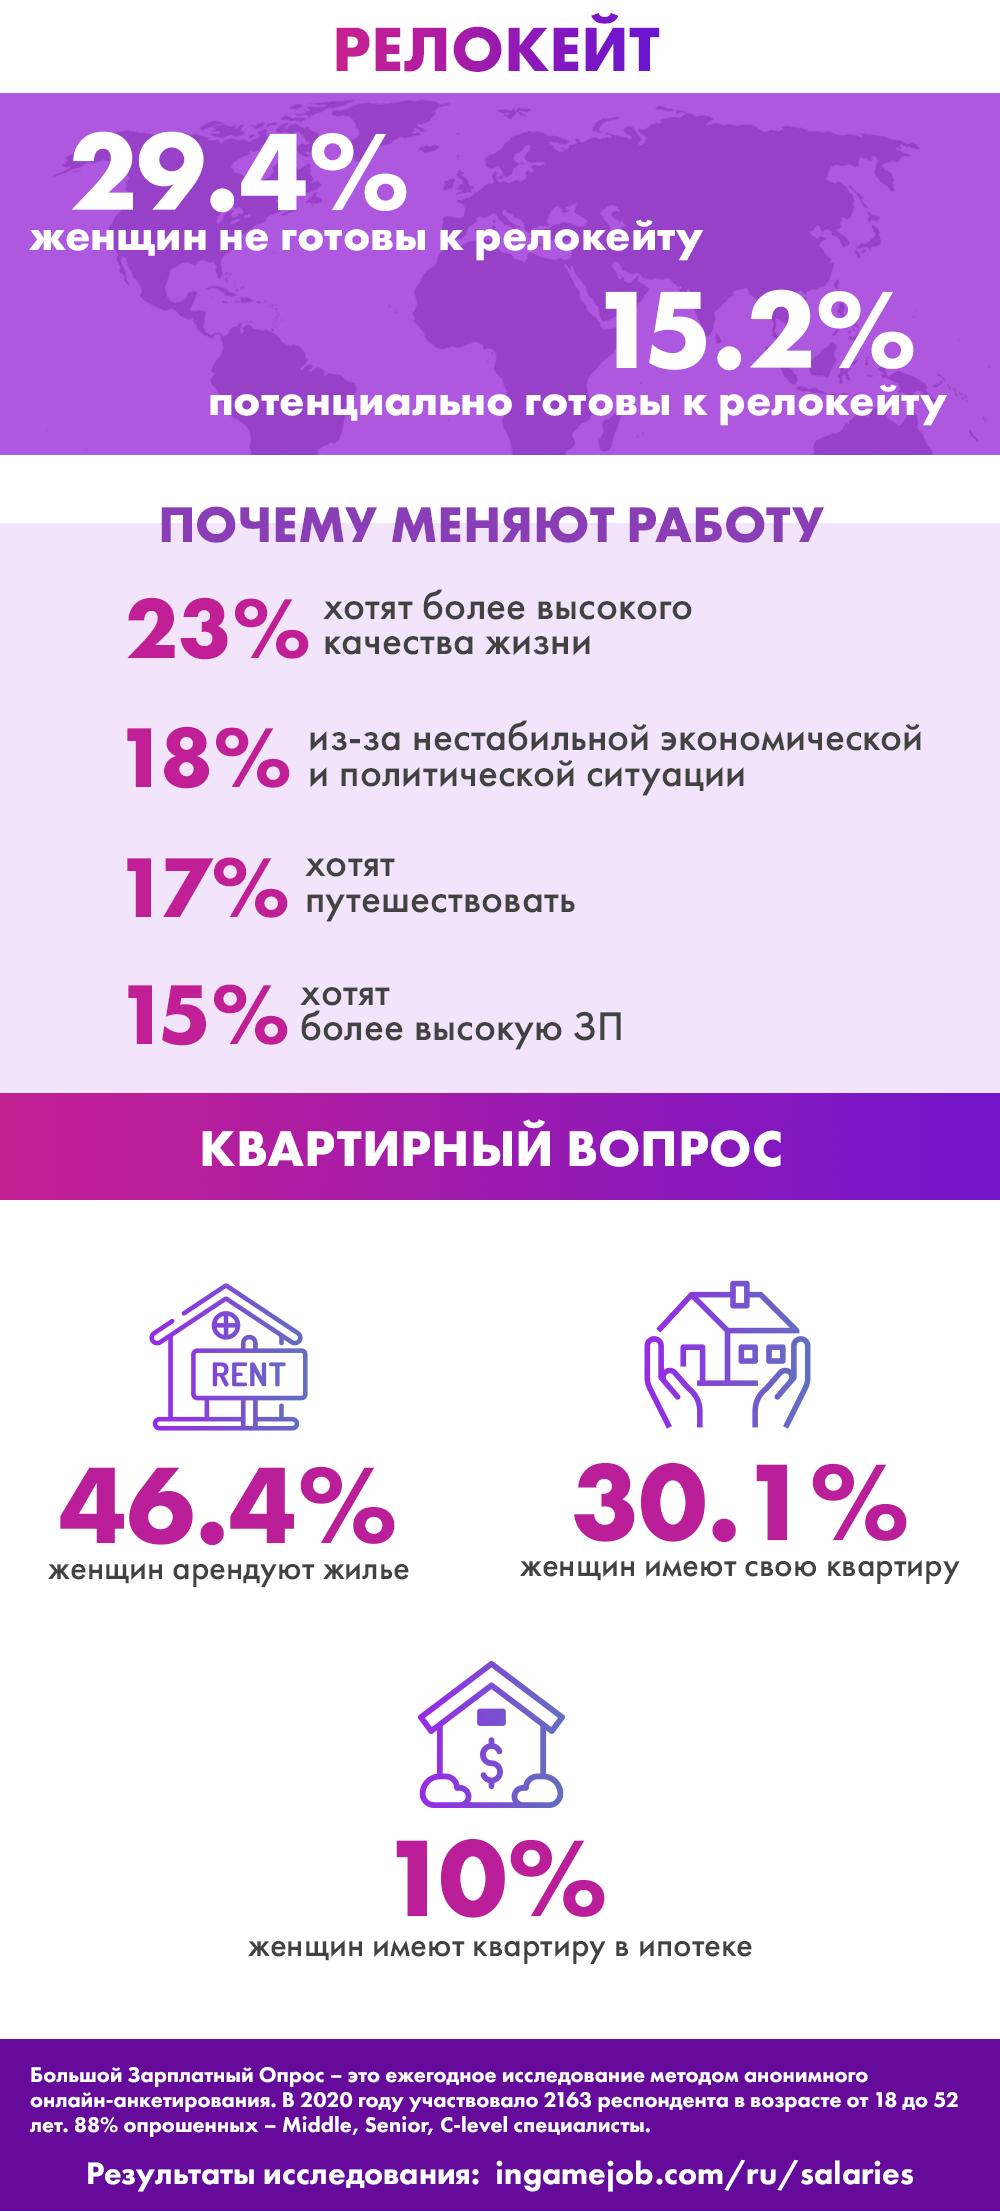 Инфографика: женщины в русскопонимающем геймдеве в 2020 году